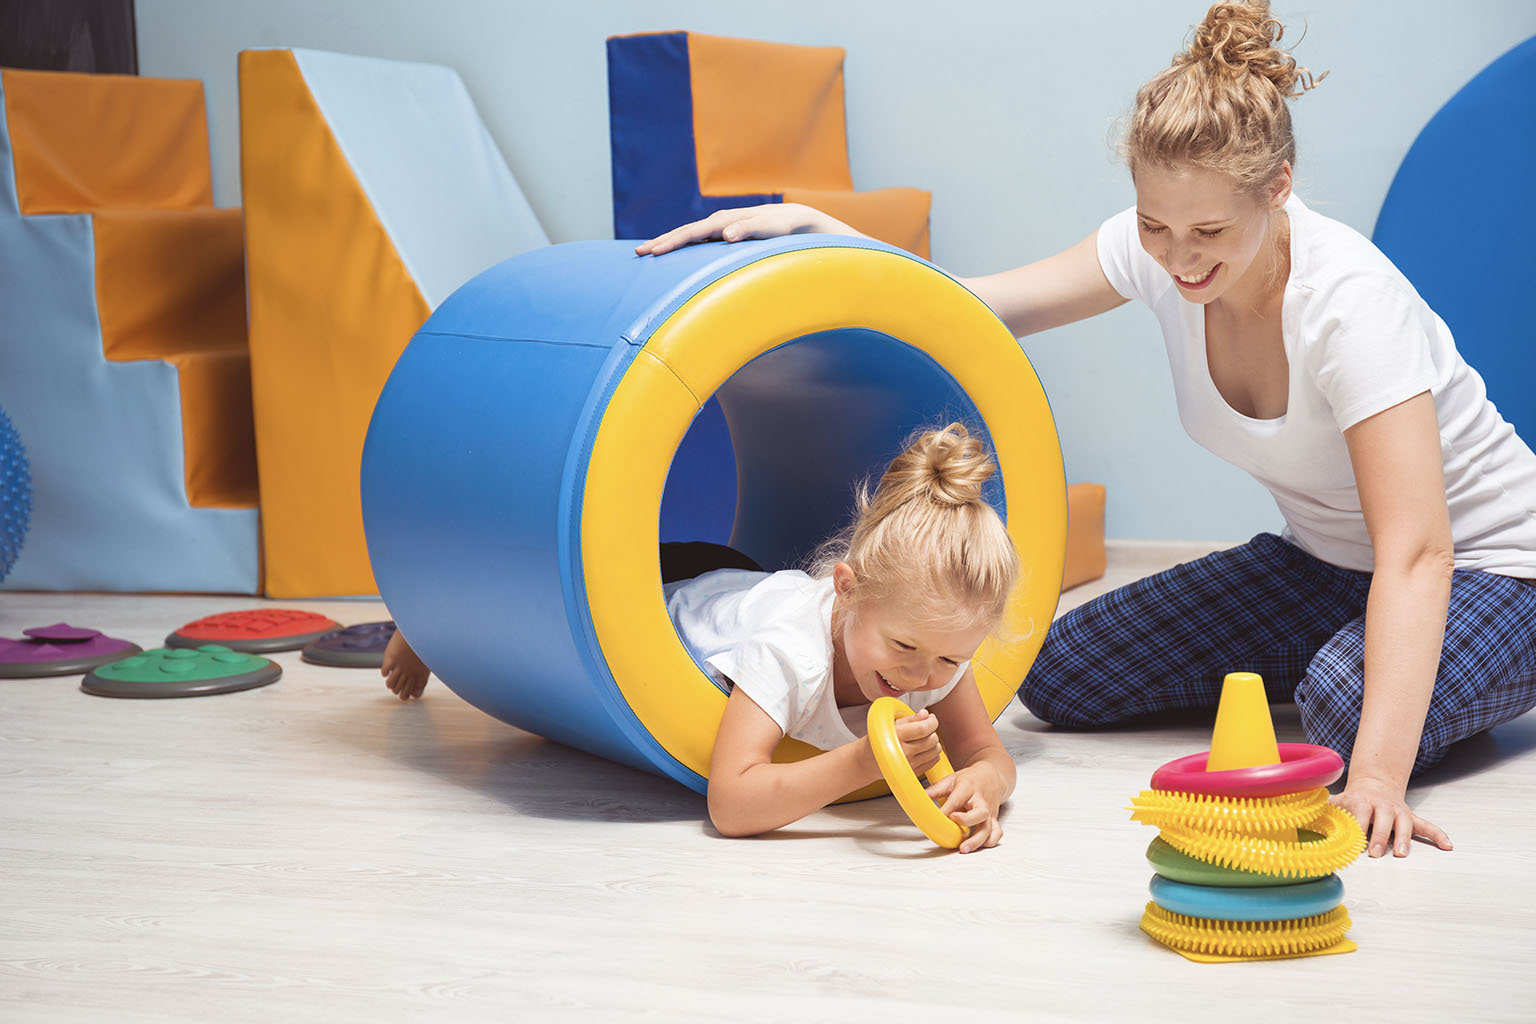 Czym jest integracja sensoryczna i jak przebiegają zajęcia z SI? Dziewczynka przechodzi przez tunel na ścieżce sensorycznej na zajęciach z integracji sensorycznej.